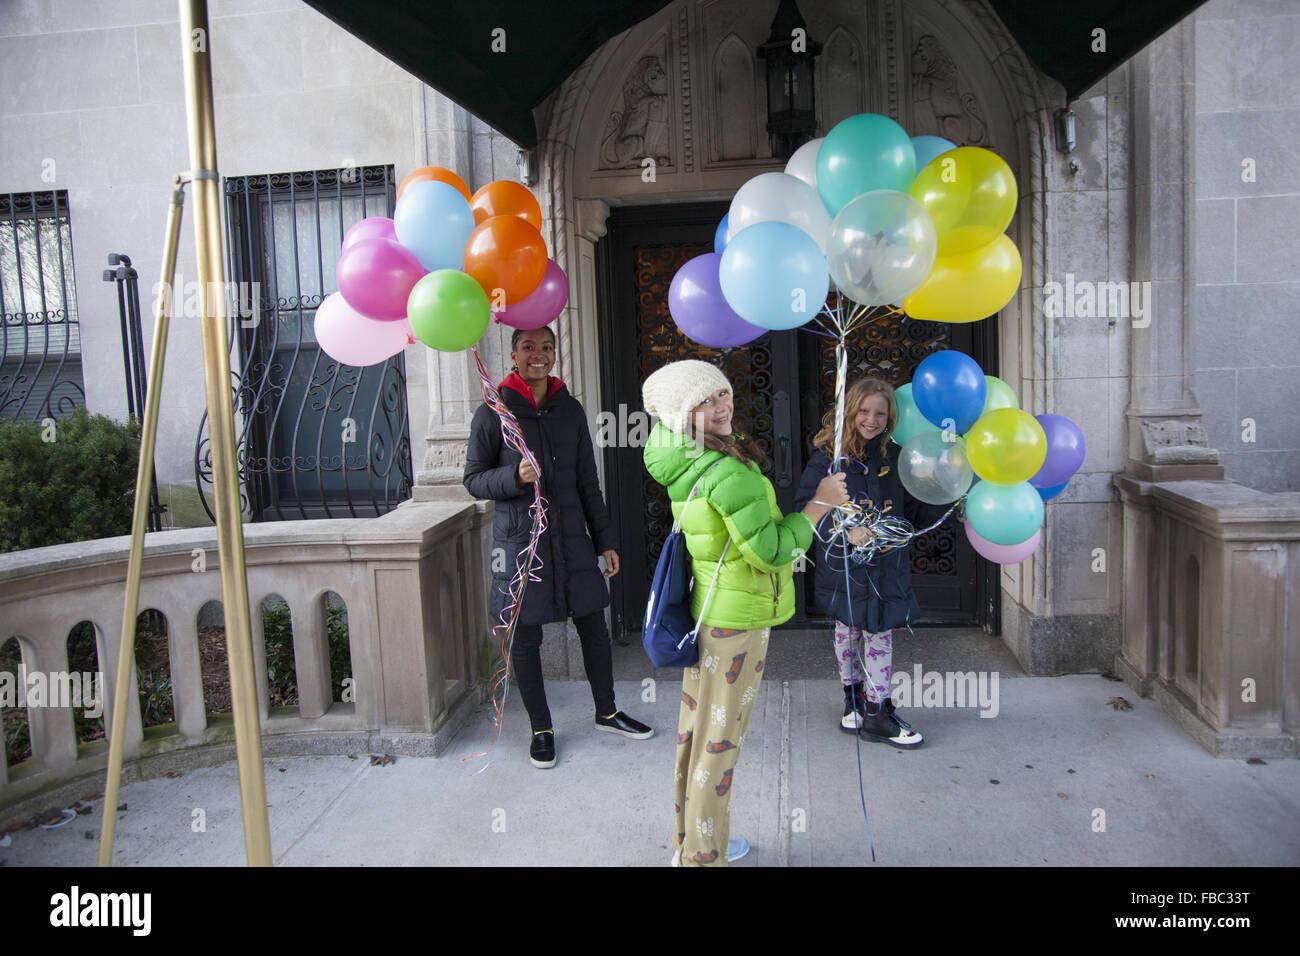 Madchen Wollen Einen Geburtstag Party Mit Ballons In Der Hand Park Slope Brooklyn